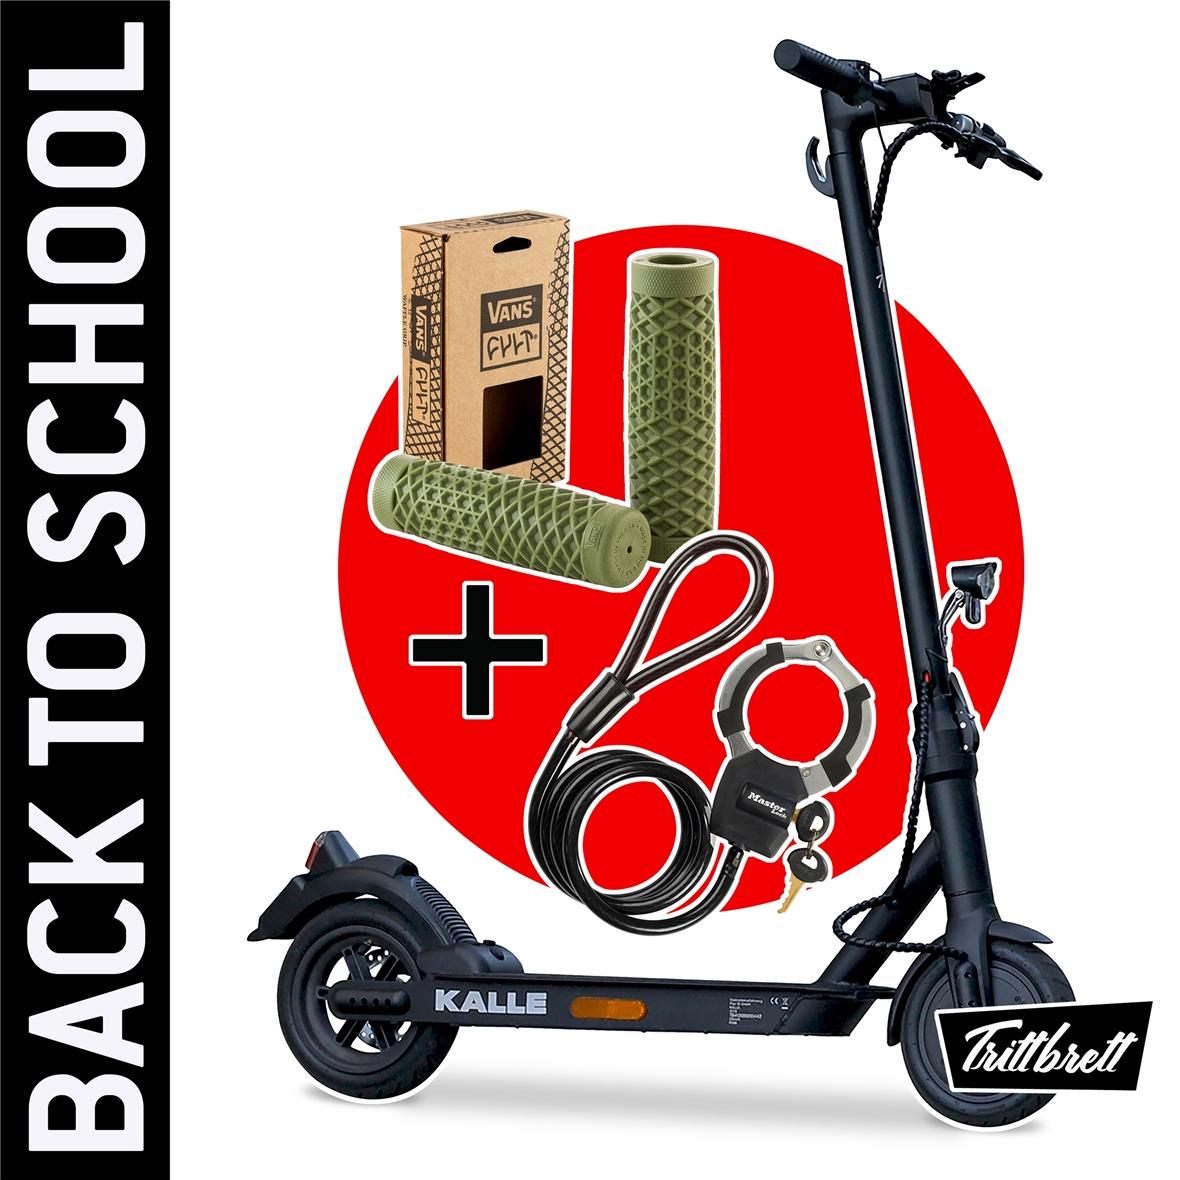 """Imagen del producto para 'E-Scooter """"BACK TO SCHOOL"""" Bundle TRITTBRETT Kalle con puños VANS (oliva) y Masterlock StreetcuffTitle'"""